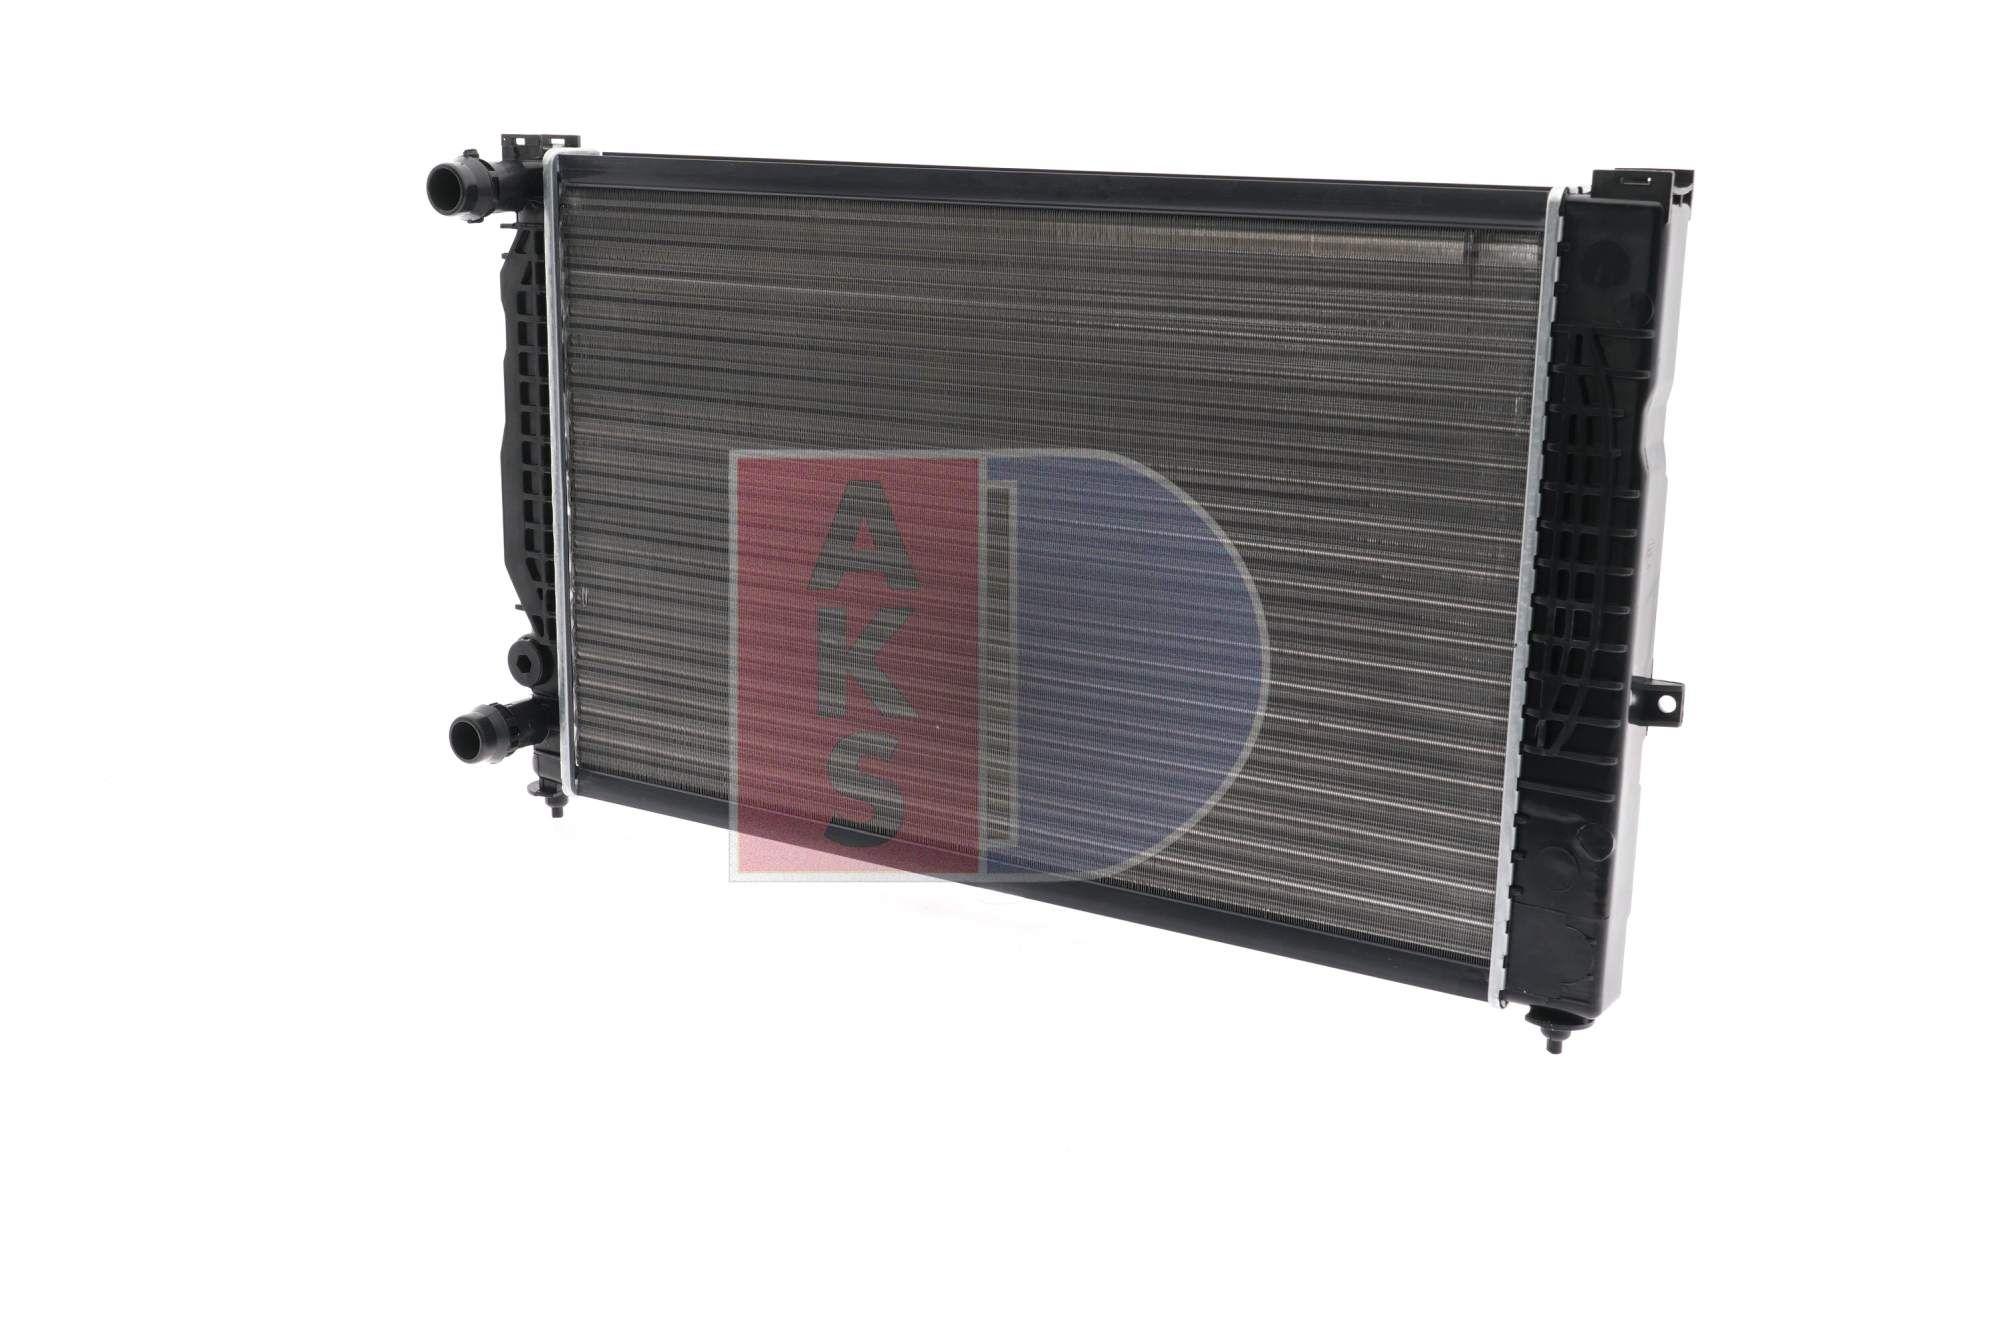 480390N AKS DASIS Kühlrippen mechanisch gefügt, Schaltgetriebe Netzmaße: 630x397x32 Kühler, Motorkühlung 480390N günstig kaufen